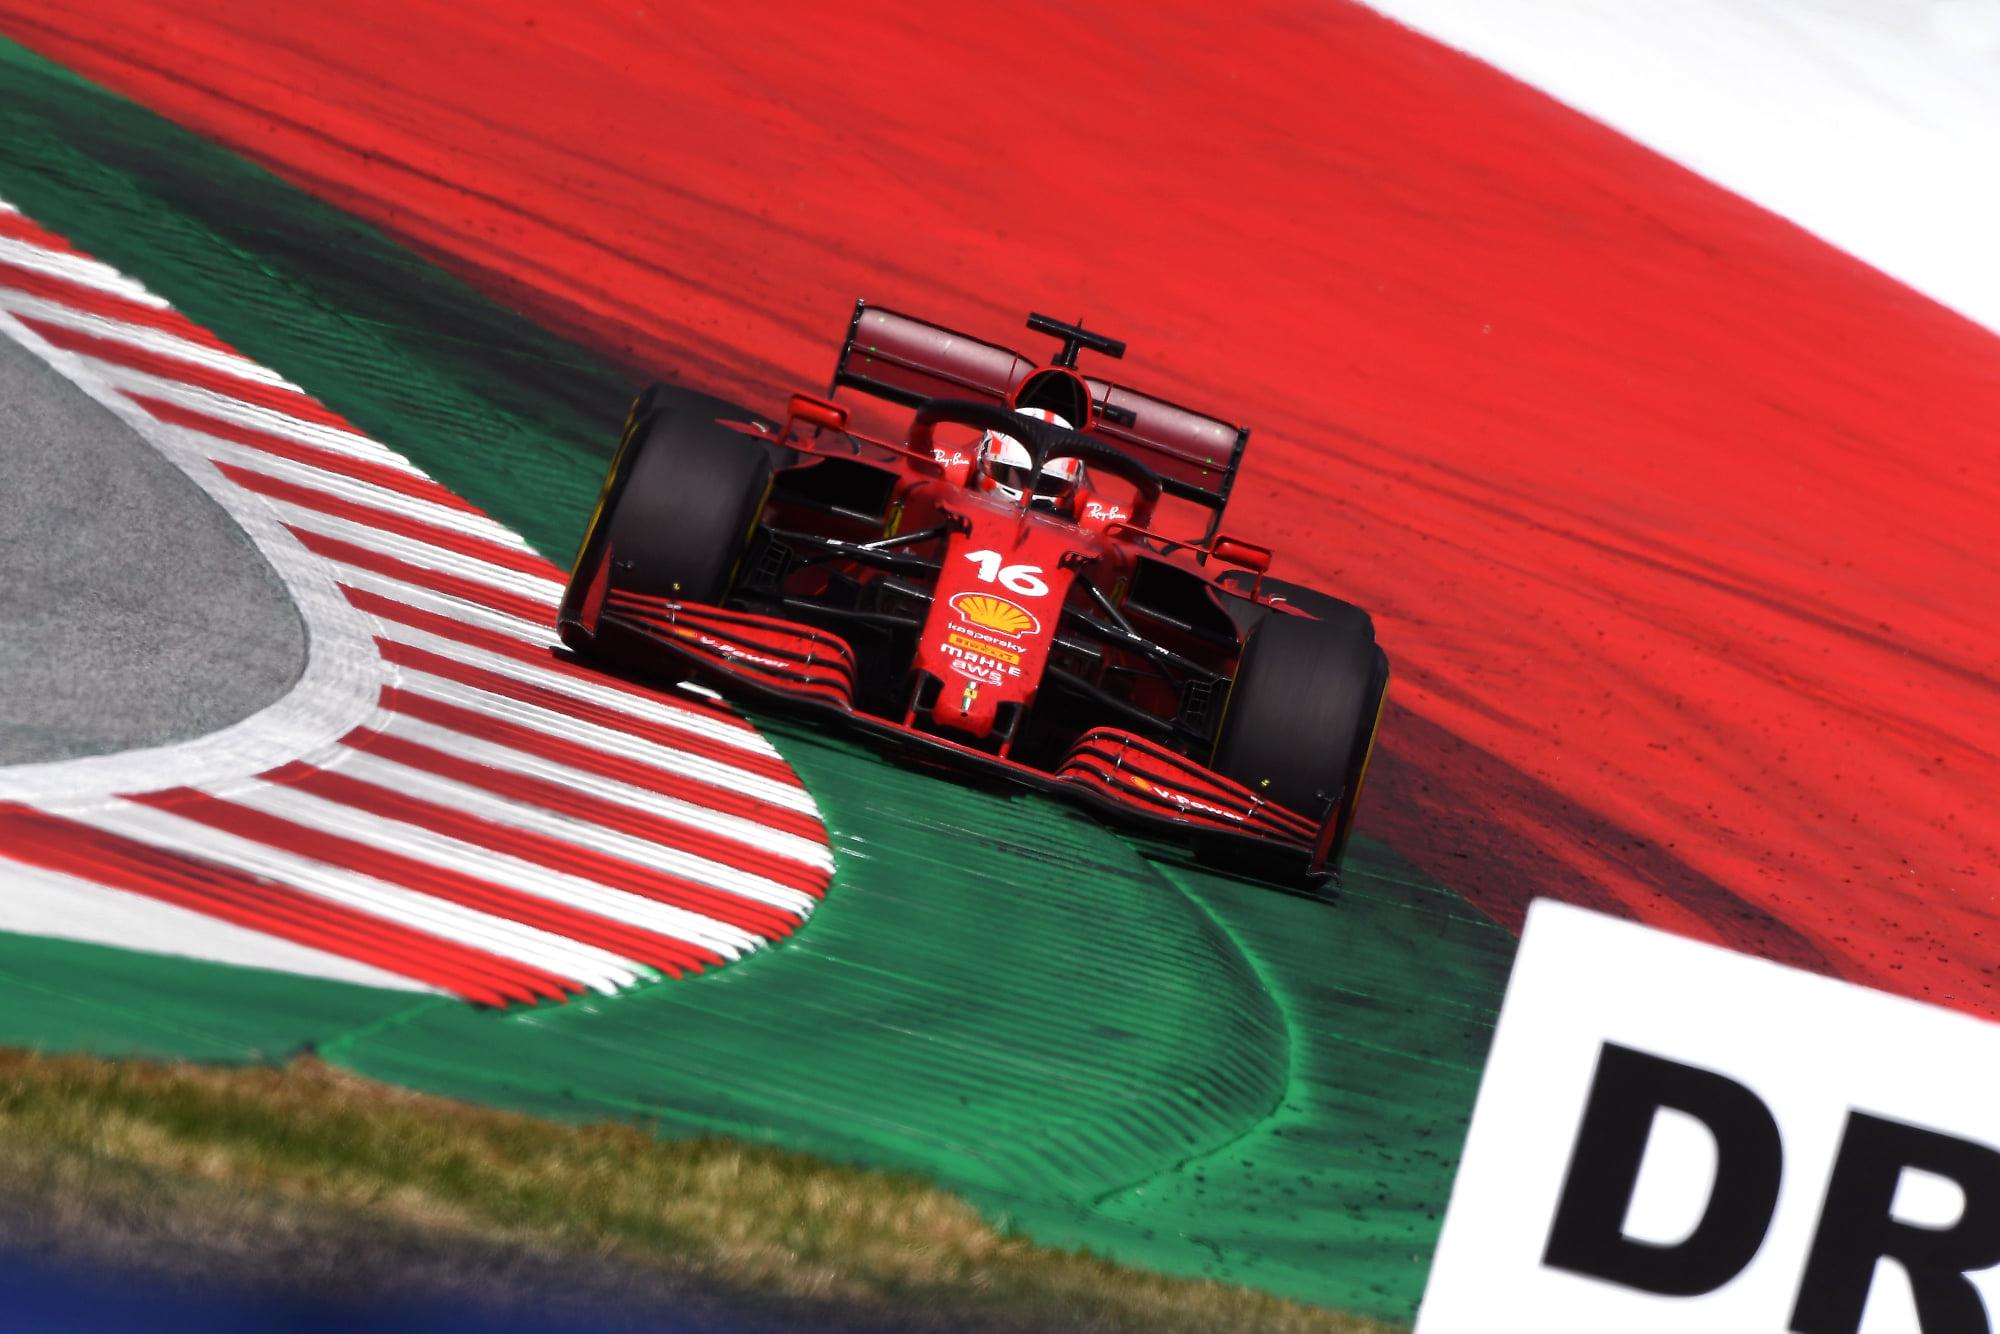 F1 - Ross Brawn impressionné par la remontée de Leclerc au GP de Styrie